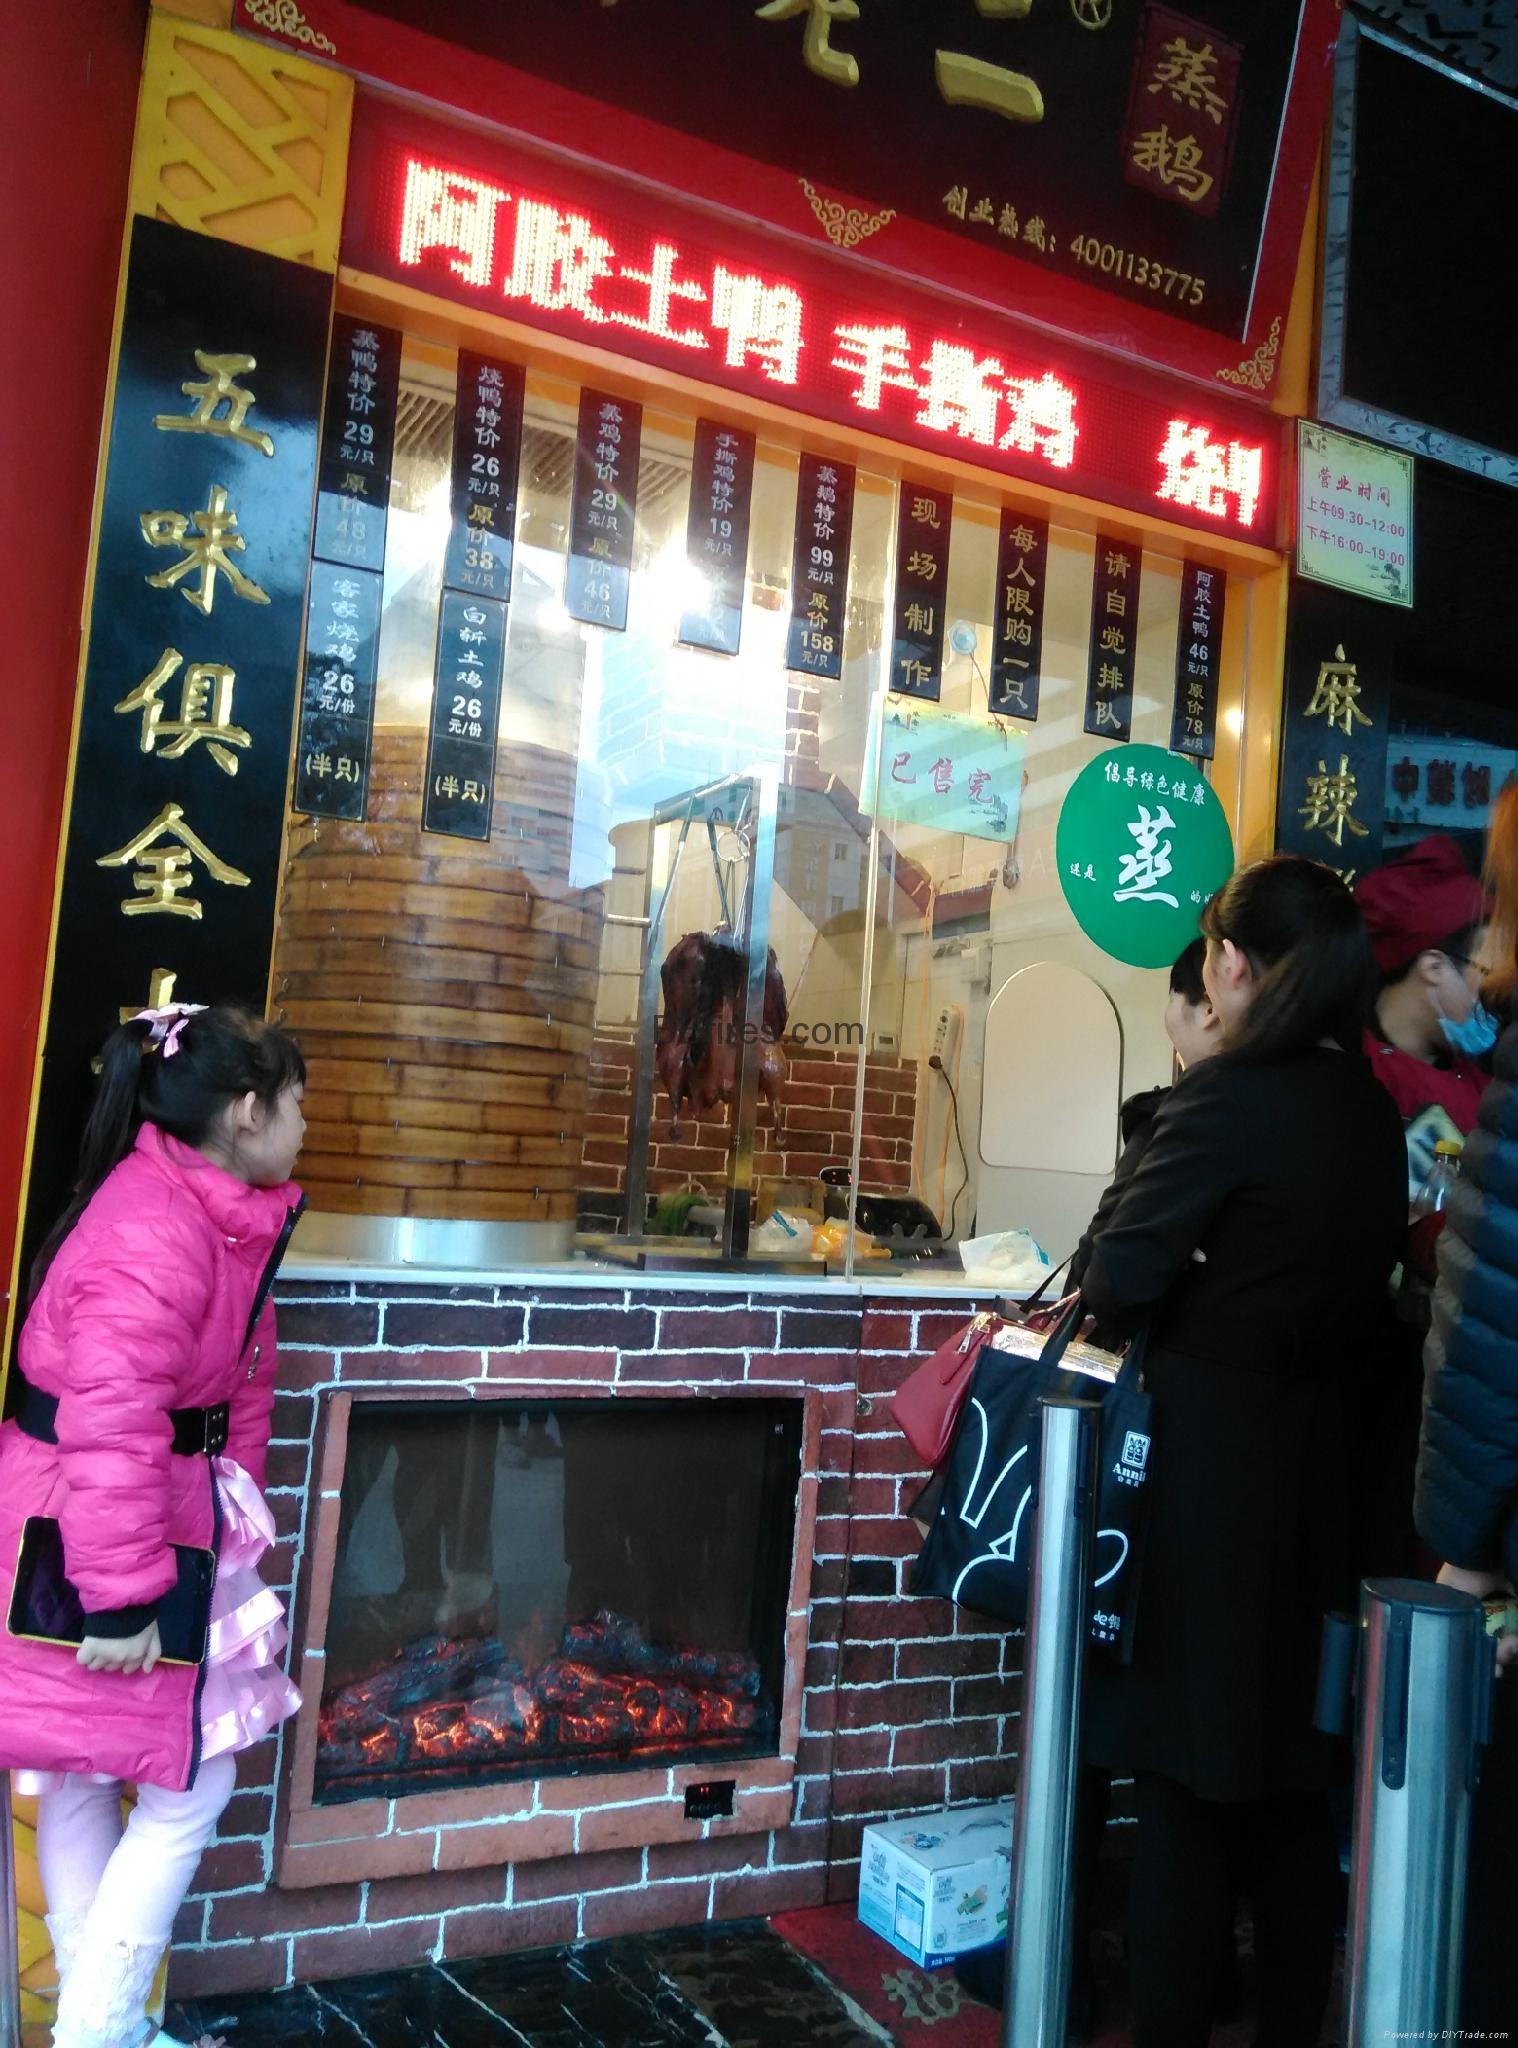 經濟(現貨)壁爐SD系列及九龍塘豪宅案例 9